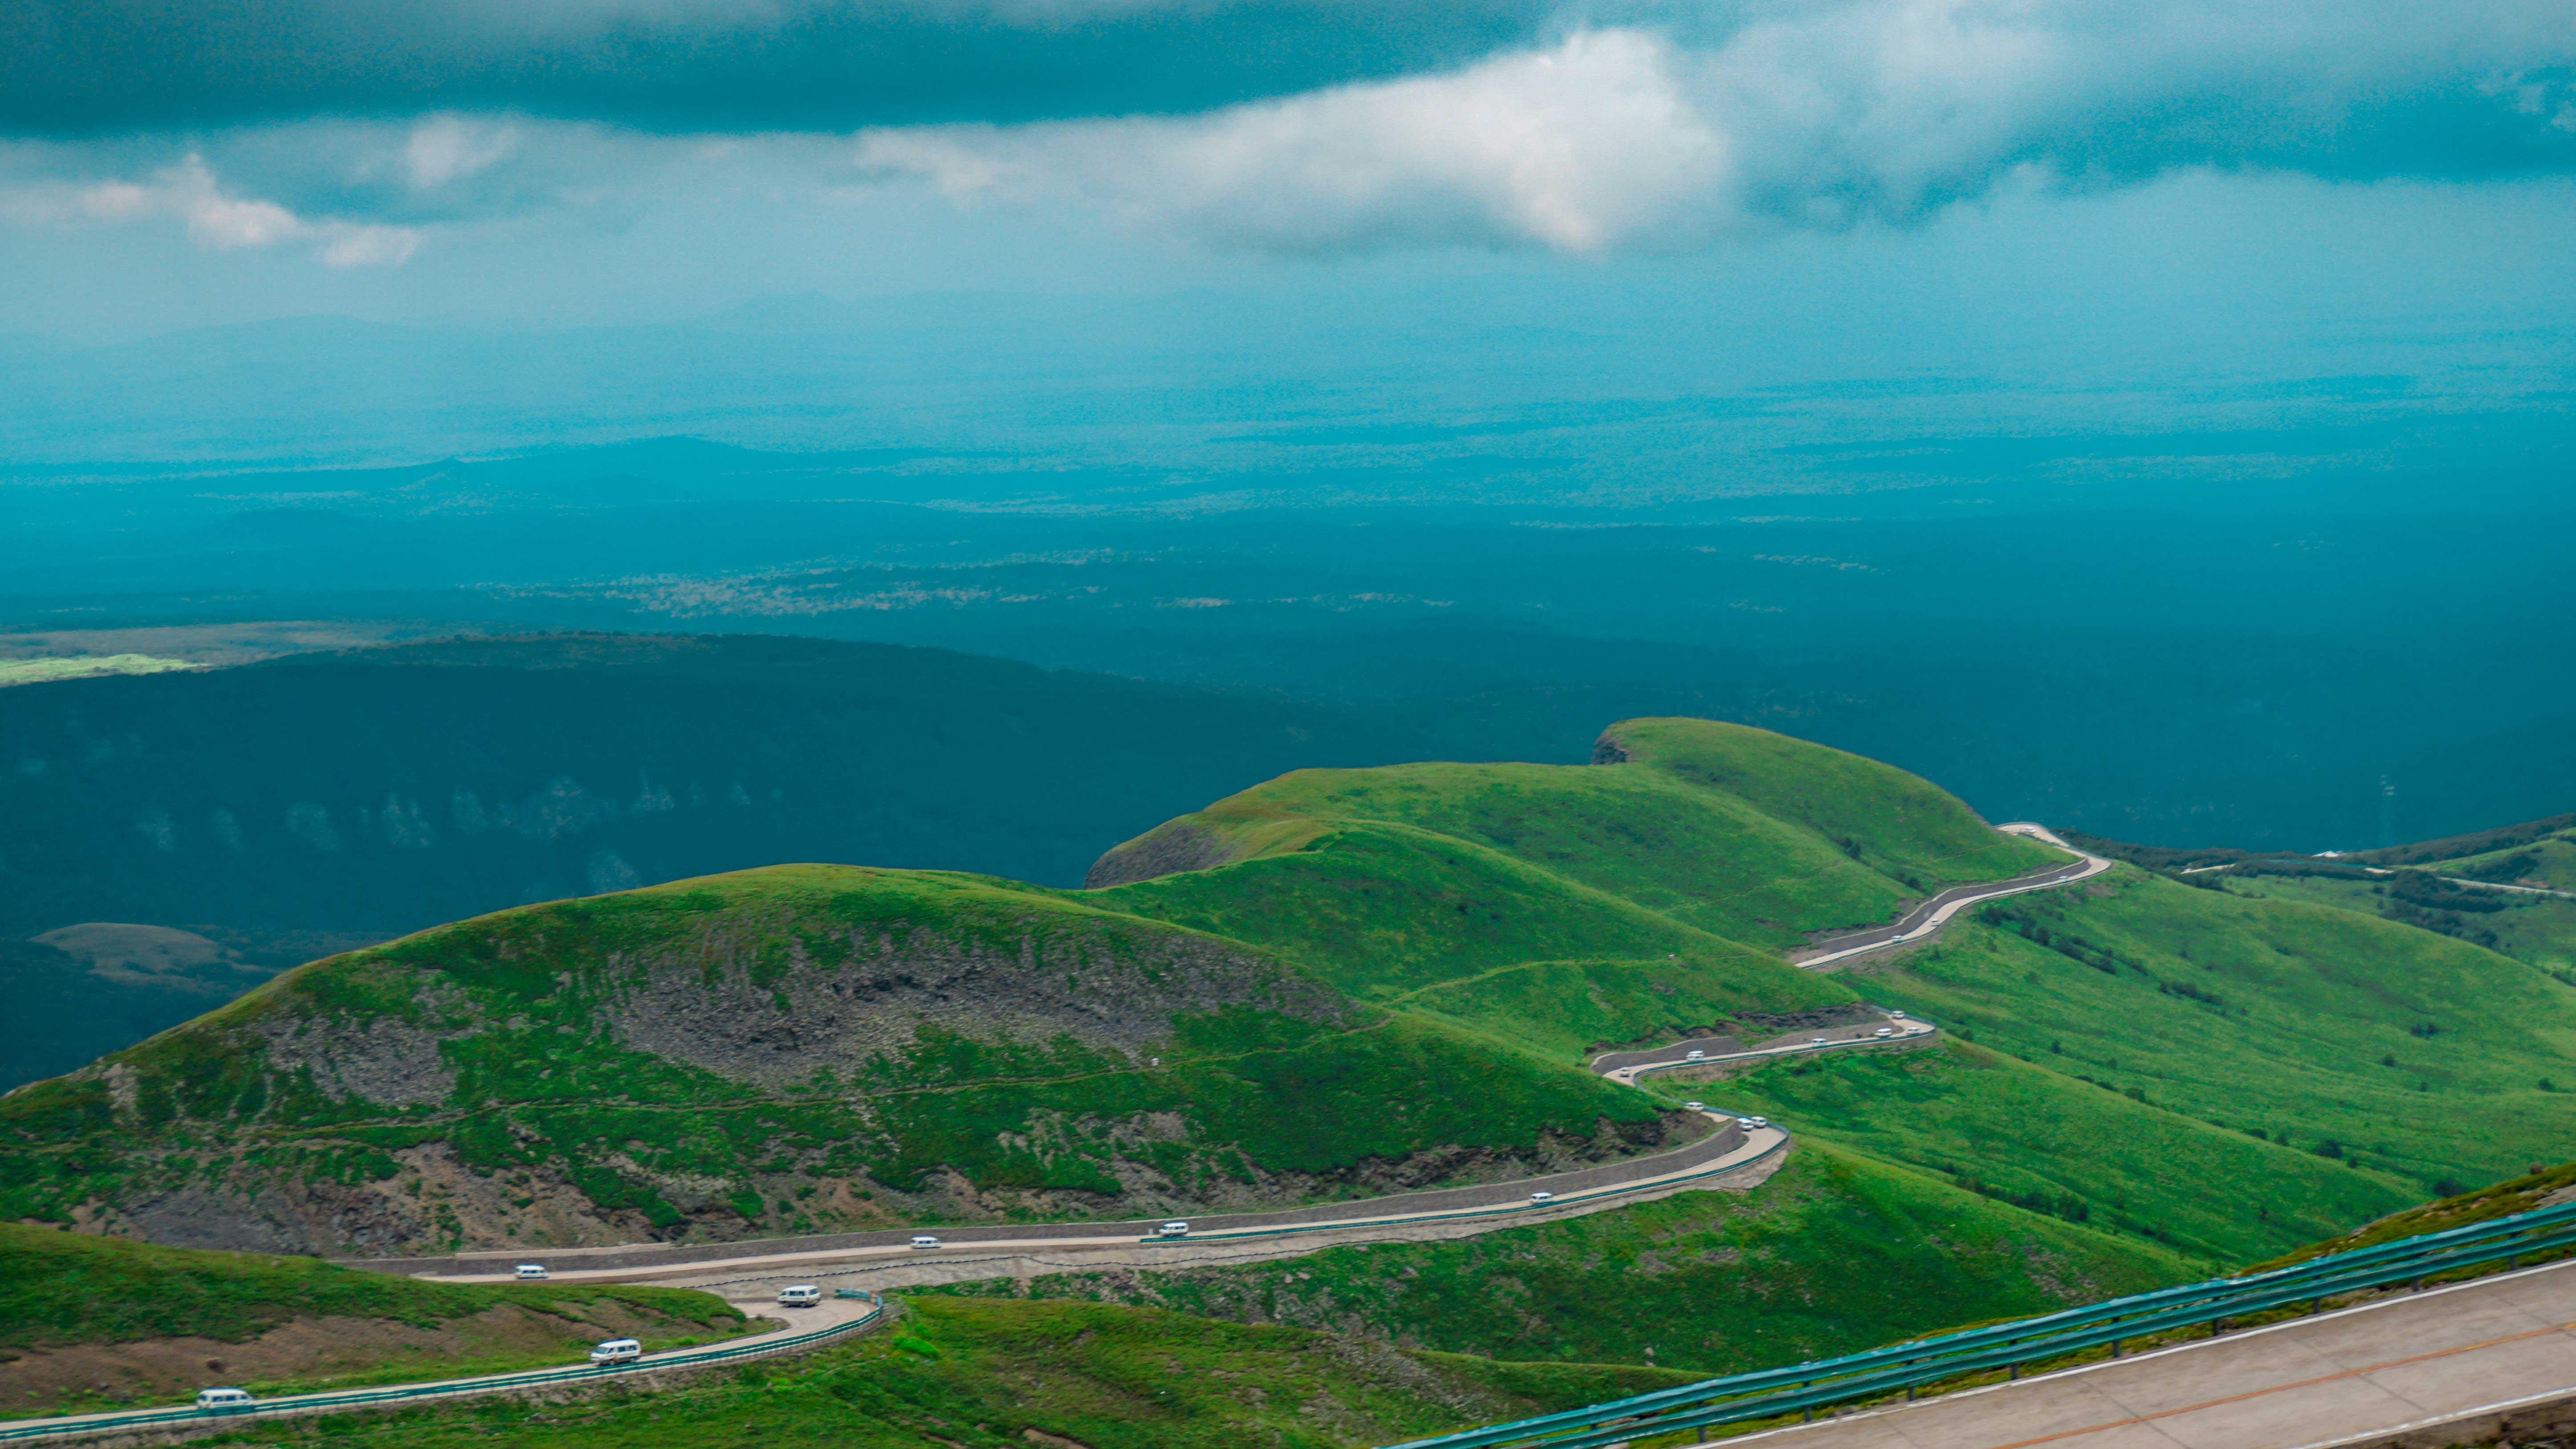 Mountain ChangBai